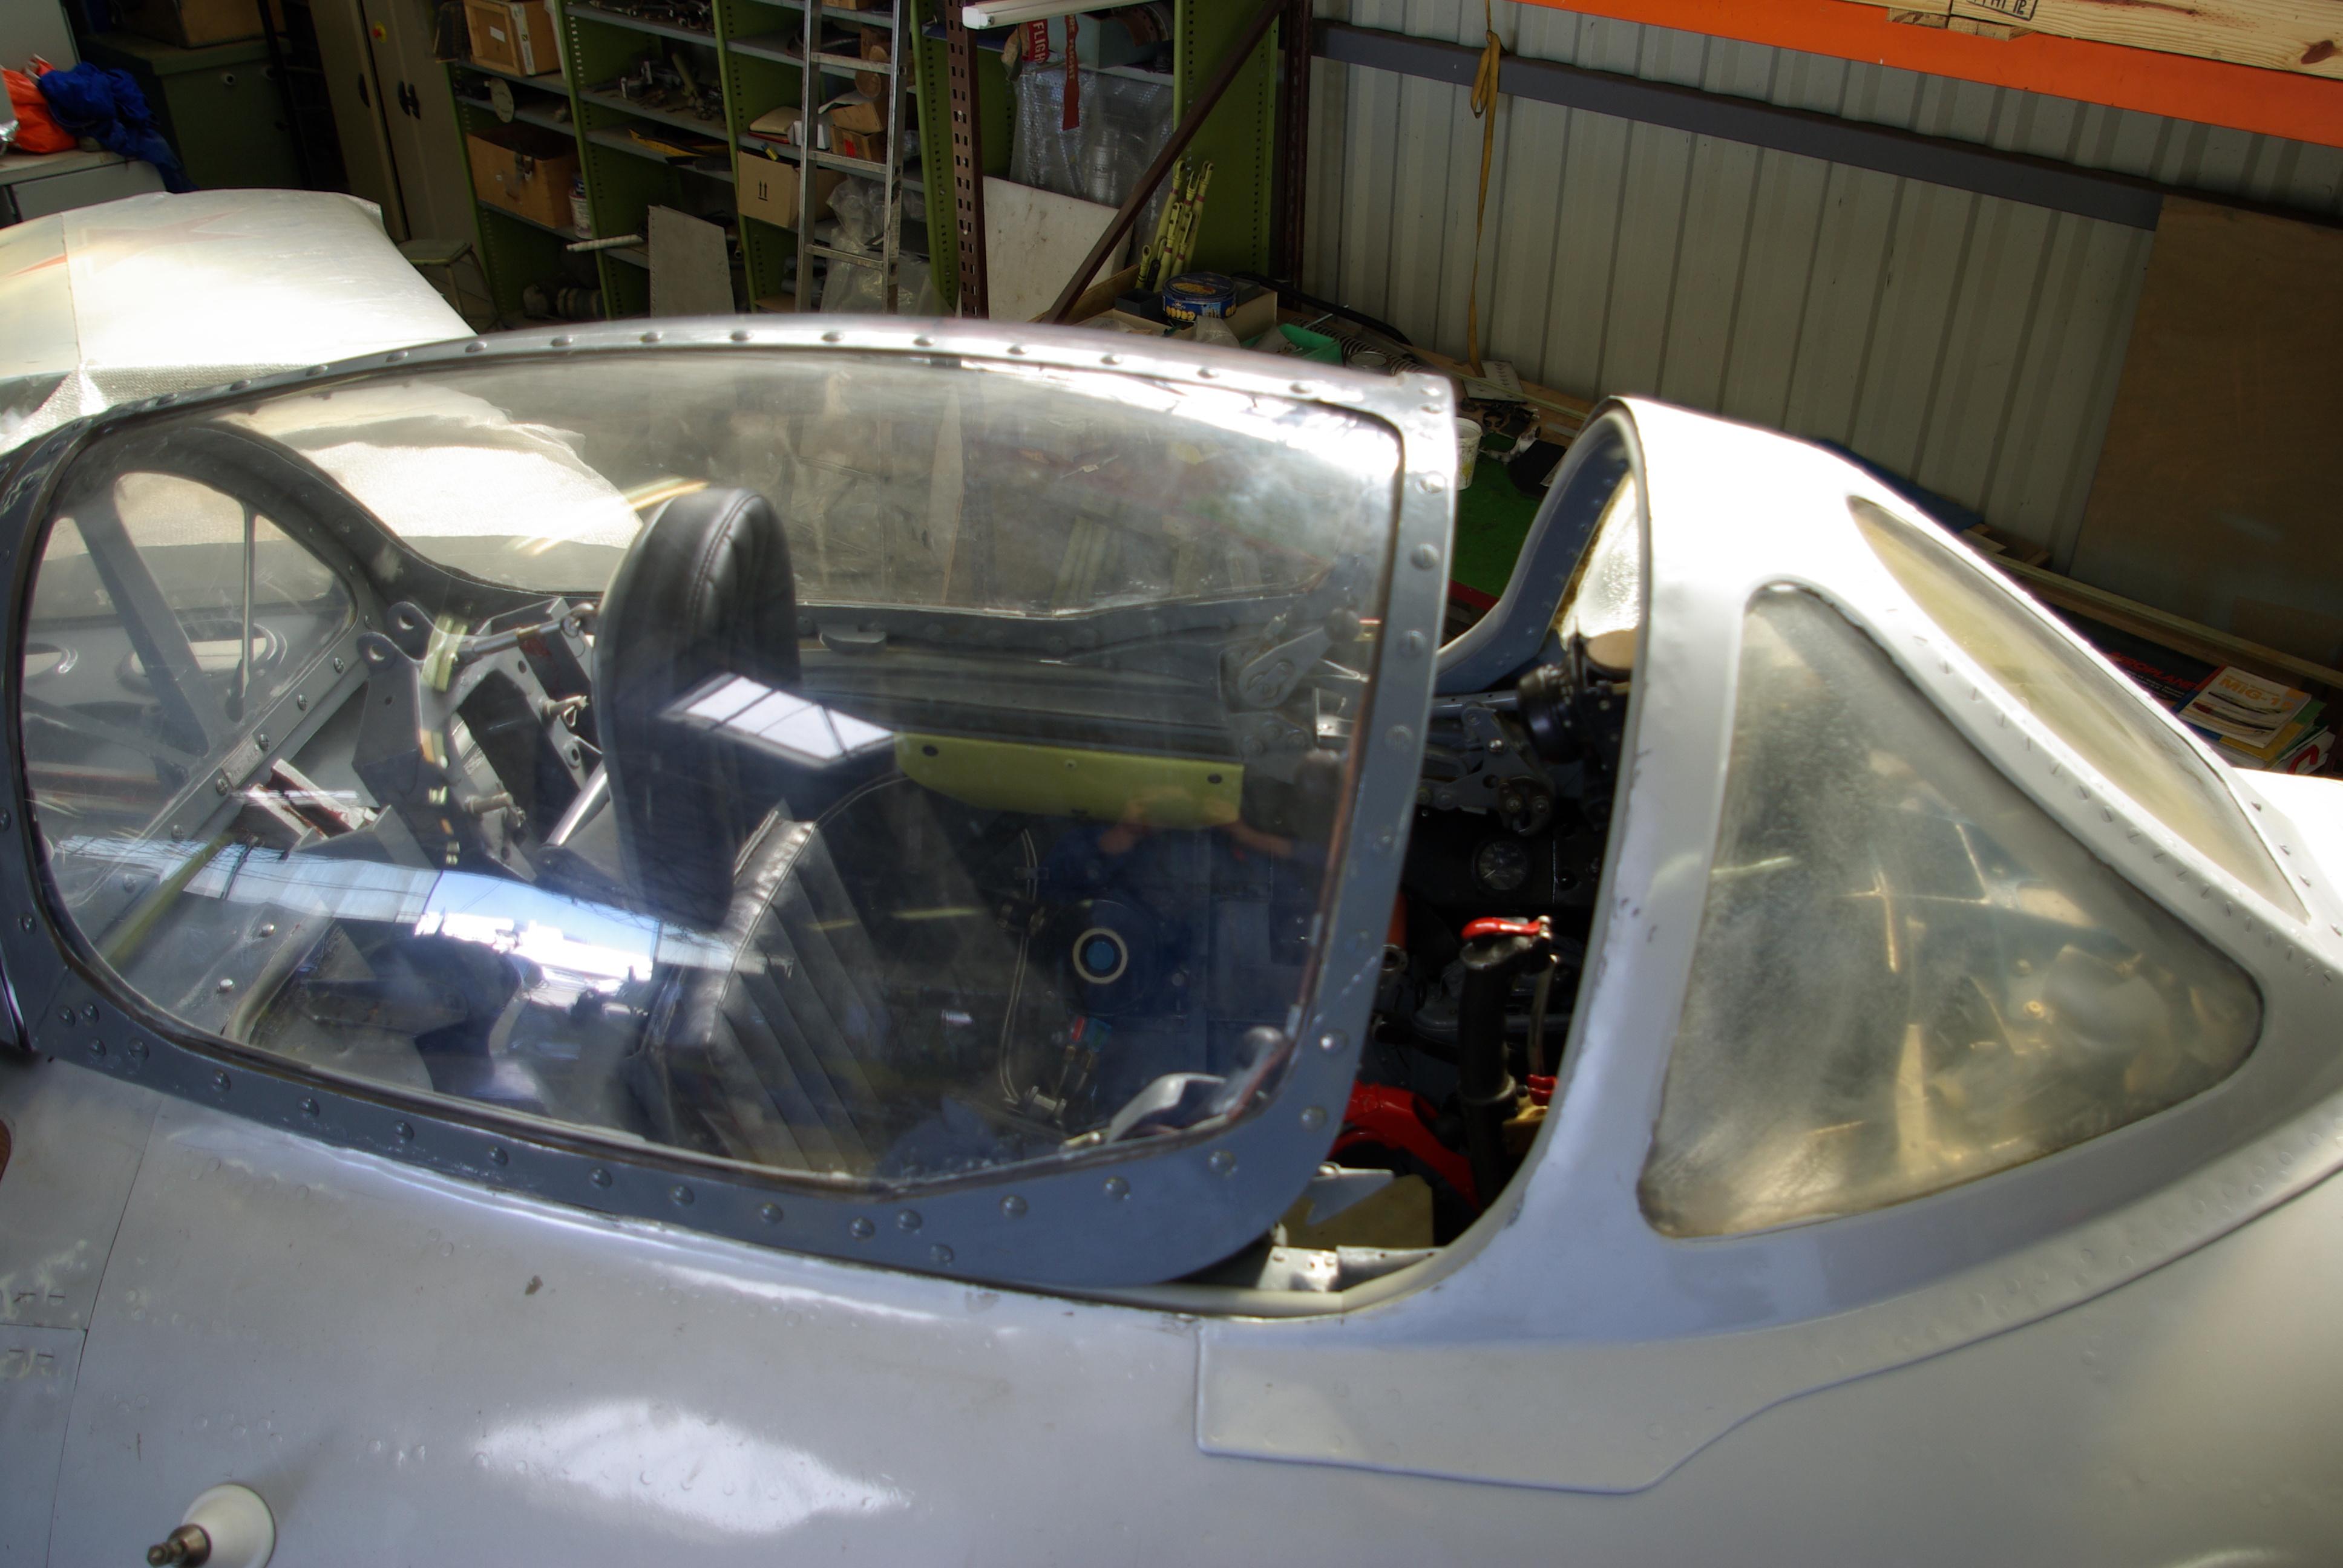 MiG-15_canopy_%28MAA%29.jpg